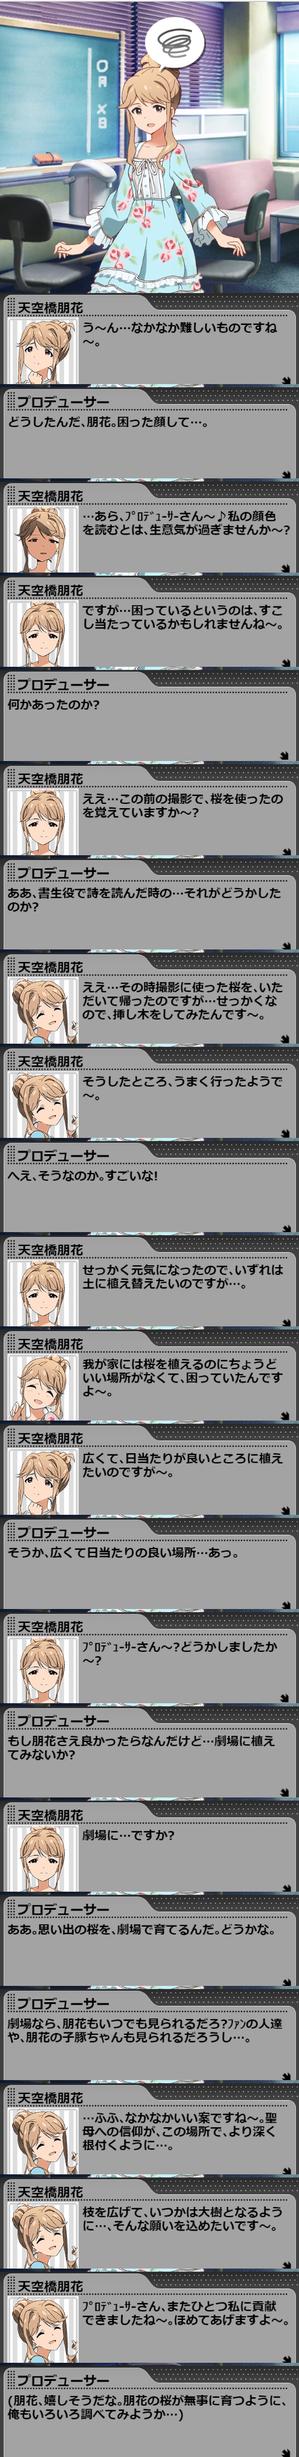 天空橋朋花2